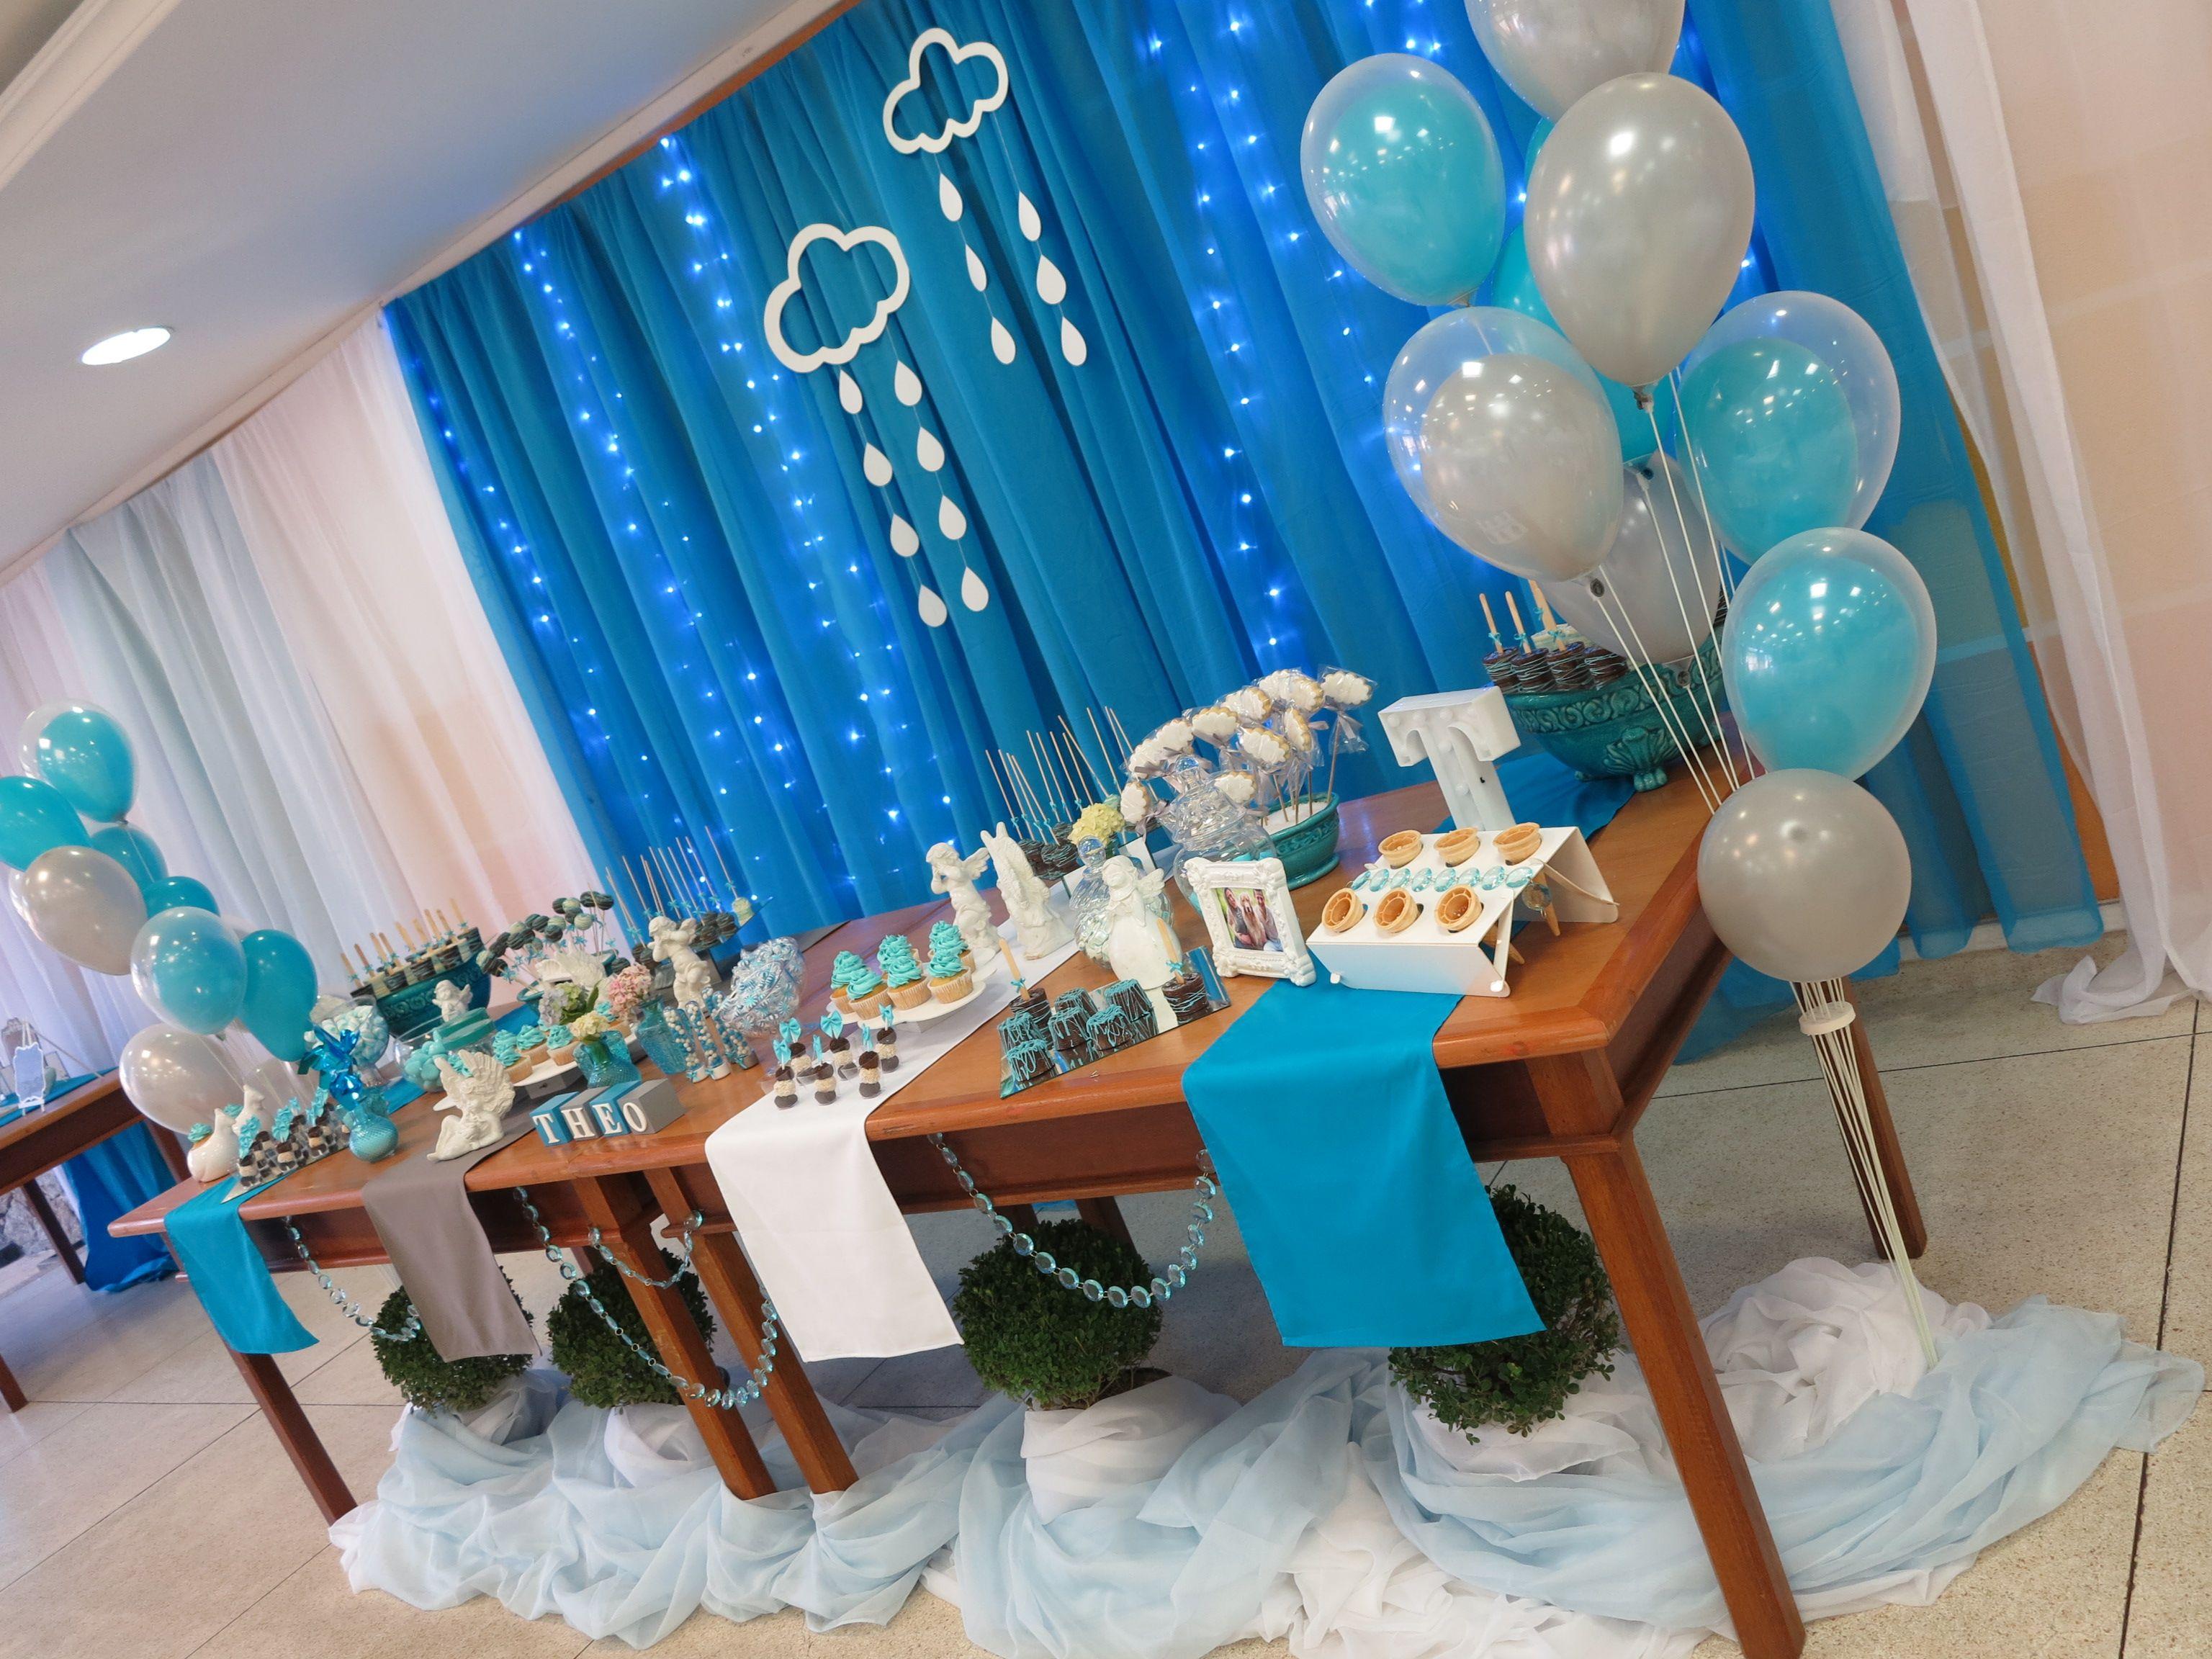 Decoraç u00e3o Azul turquesa, cinza e branco Chá de fraldas menino Tema Nuvens Chá do Theo em 2019  -> Decoração Chá De Fraldas Tema Nuvem